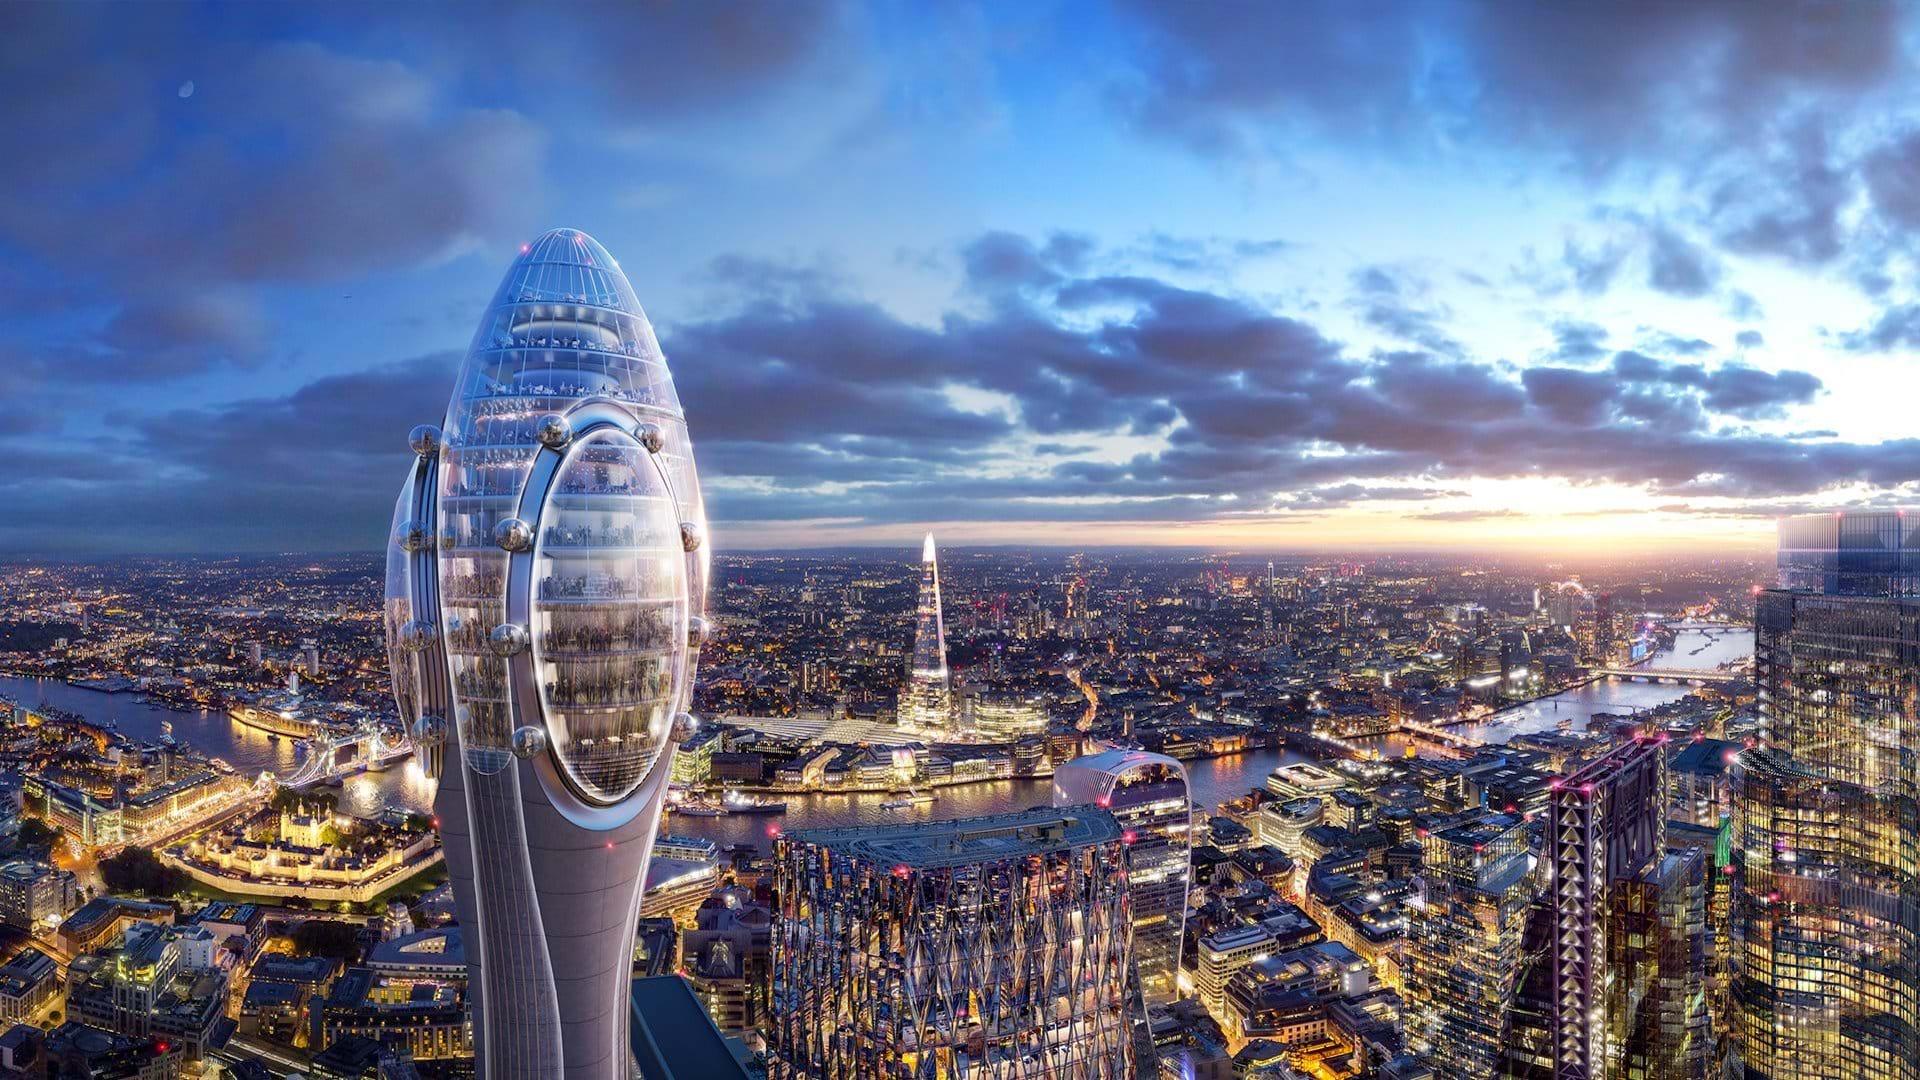 Así es The Tulip, la futurista torre mirador en Londres